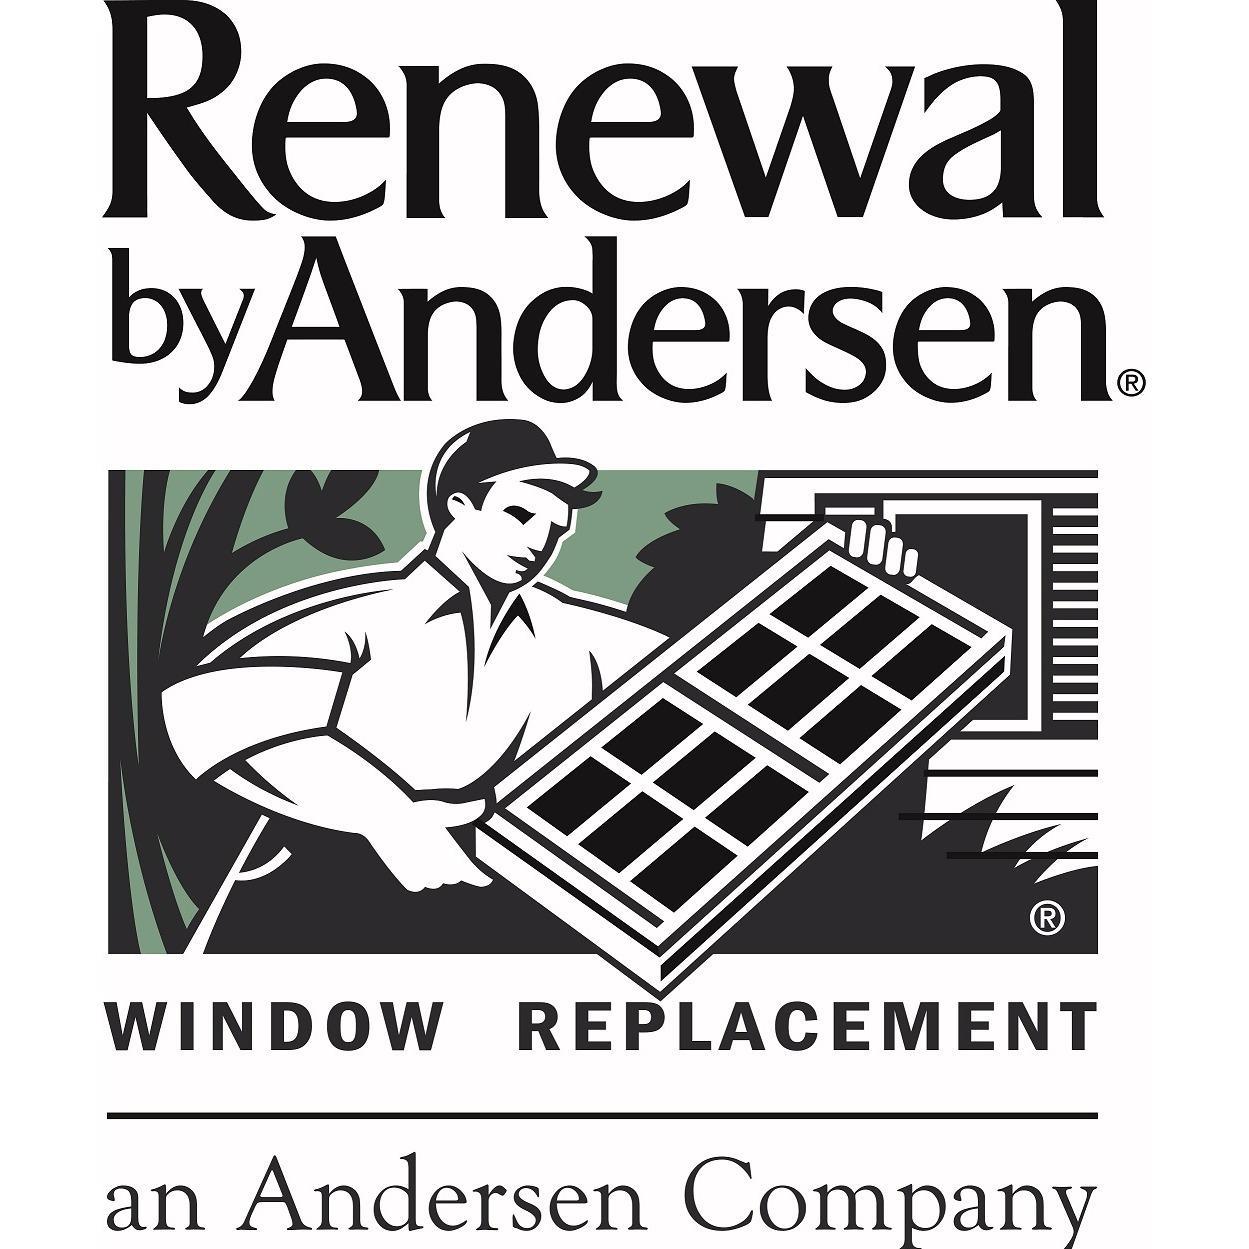 Renewal by Andersen of Spokane